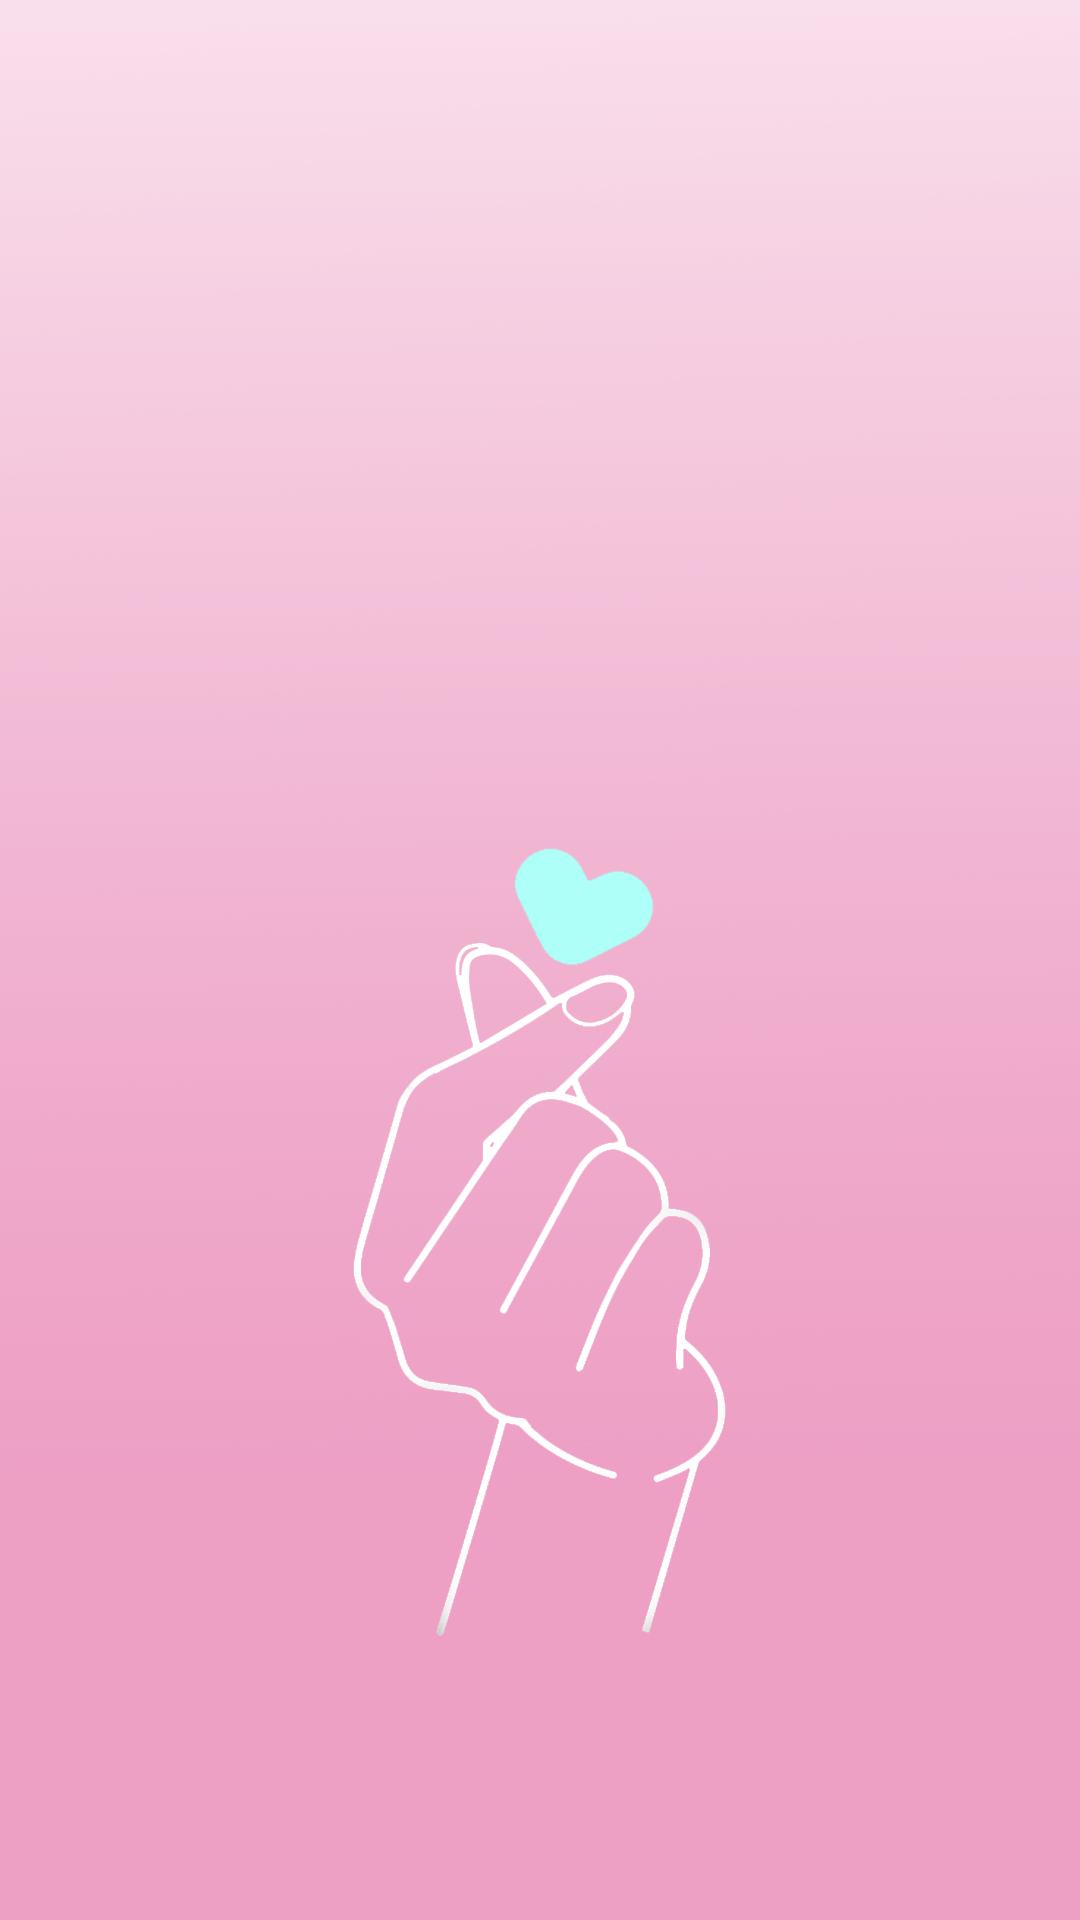 Wallpaper Finger Heart Azul By Gocase Pink Wallpaper Iphone Aesthetic Iphone Wallpaper Heart Wallpaper